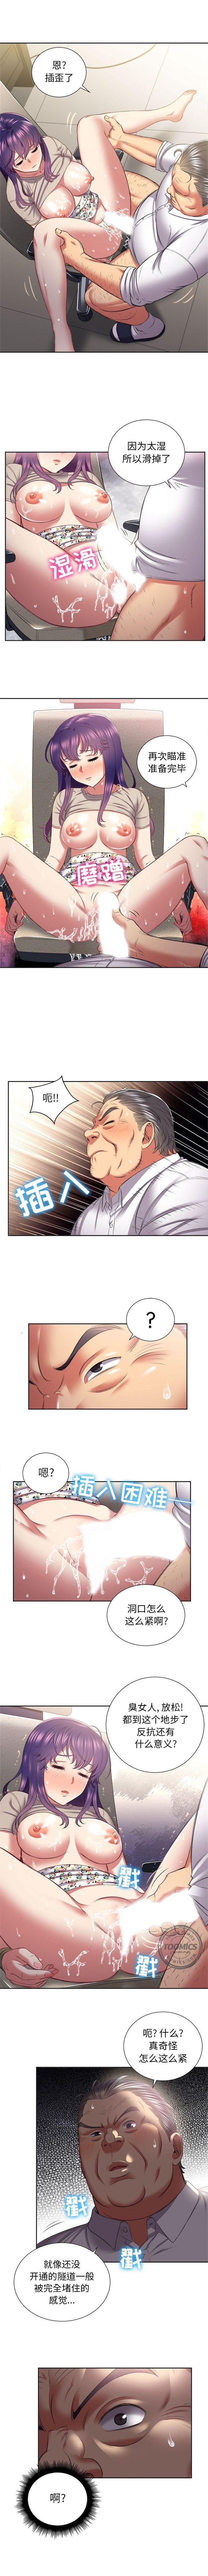 由莉的秘密1-60 中文翻译 (更新中) 179